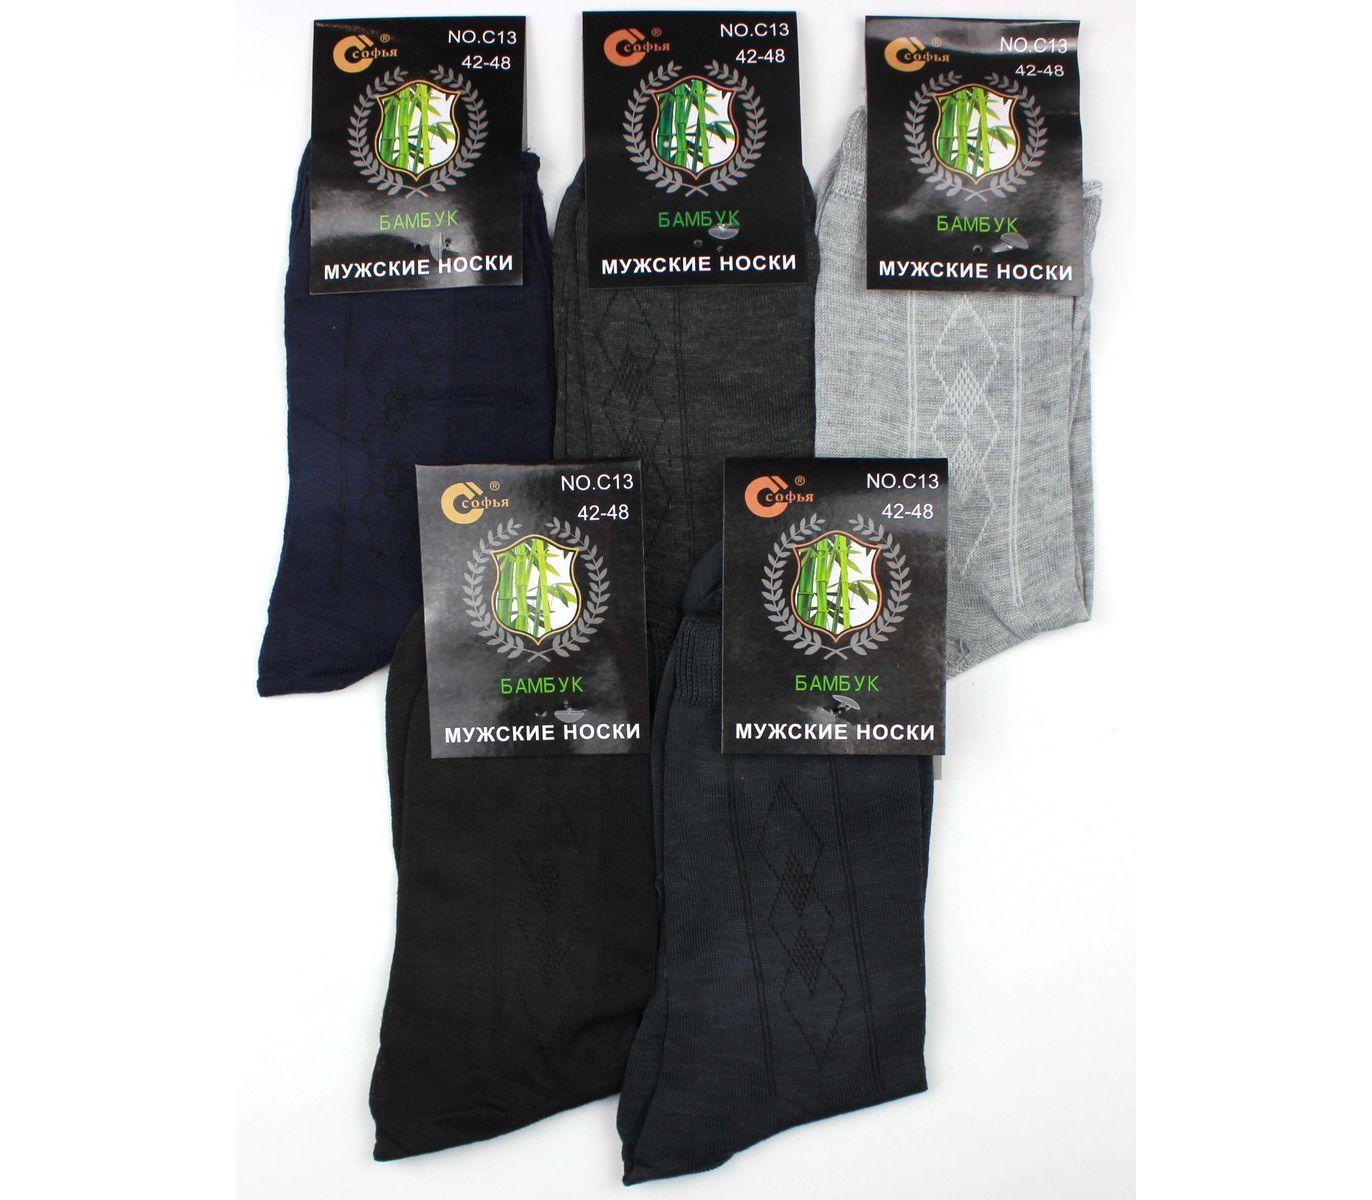 Мужские носки Софья C13 бамбук